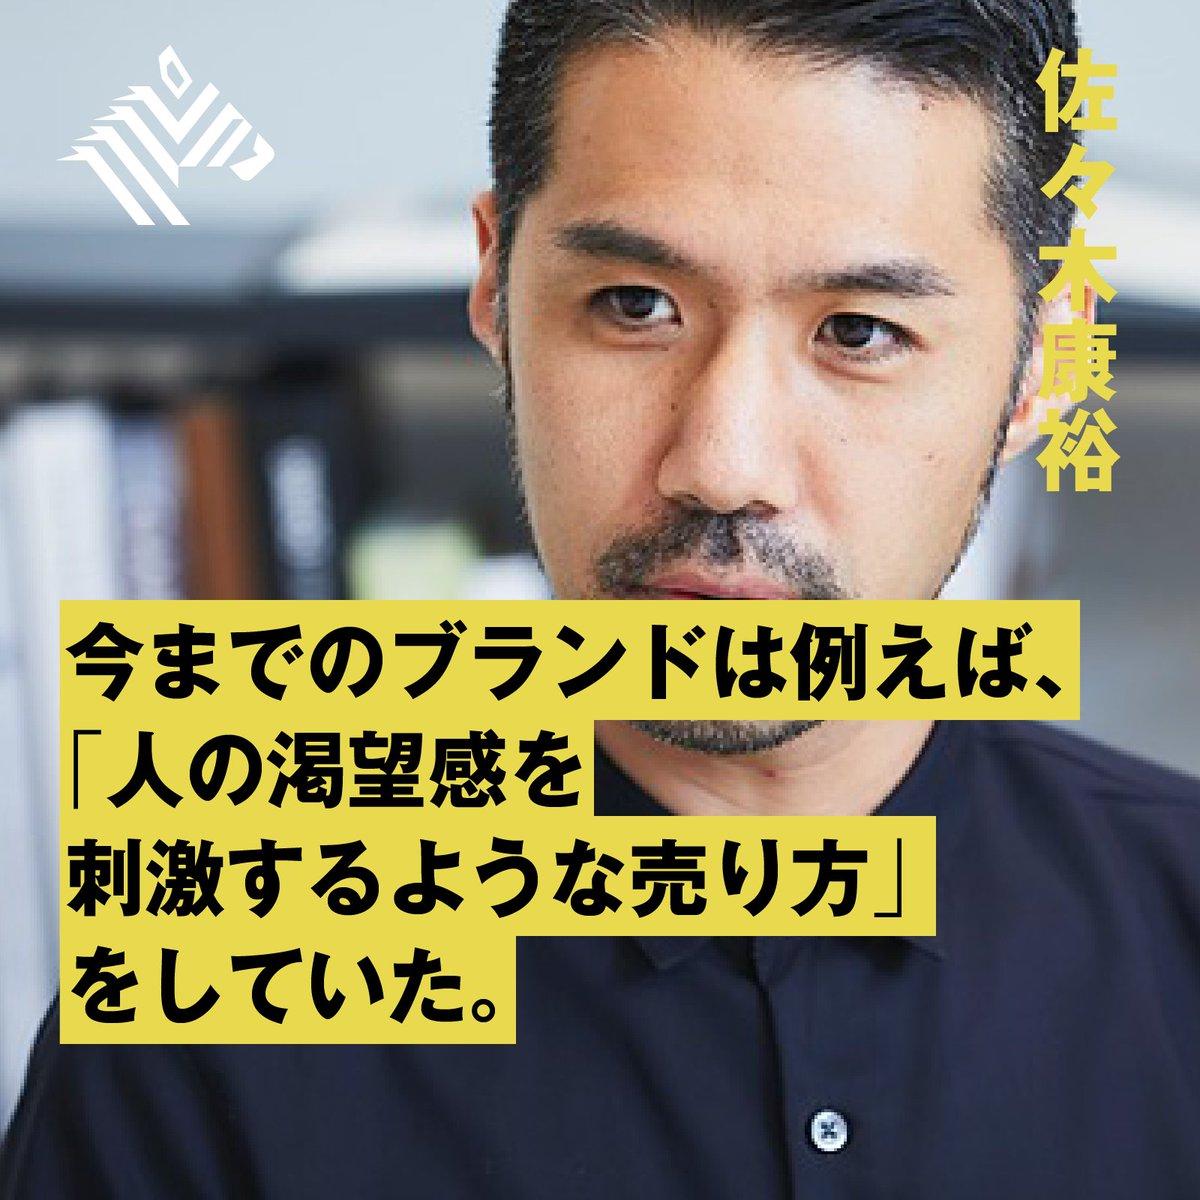 伝統的なブランドとD2Cブランドの違いとは?Takram佐々木康裕さんインタビューより、抜粋を画像でお届け📮全文を読む 👉